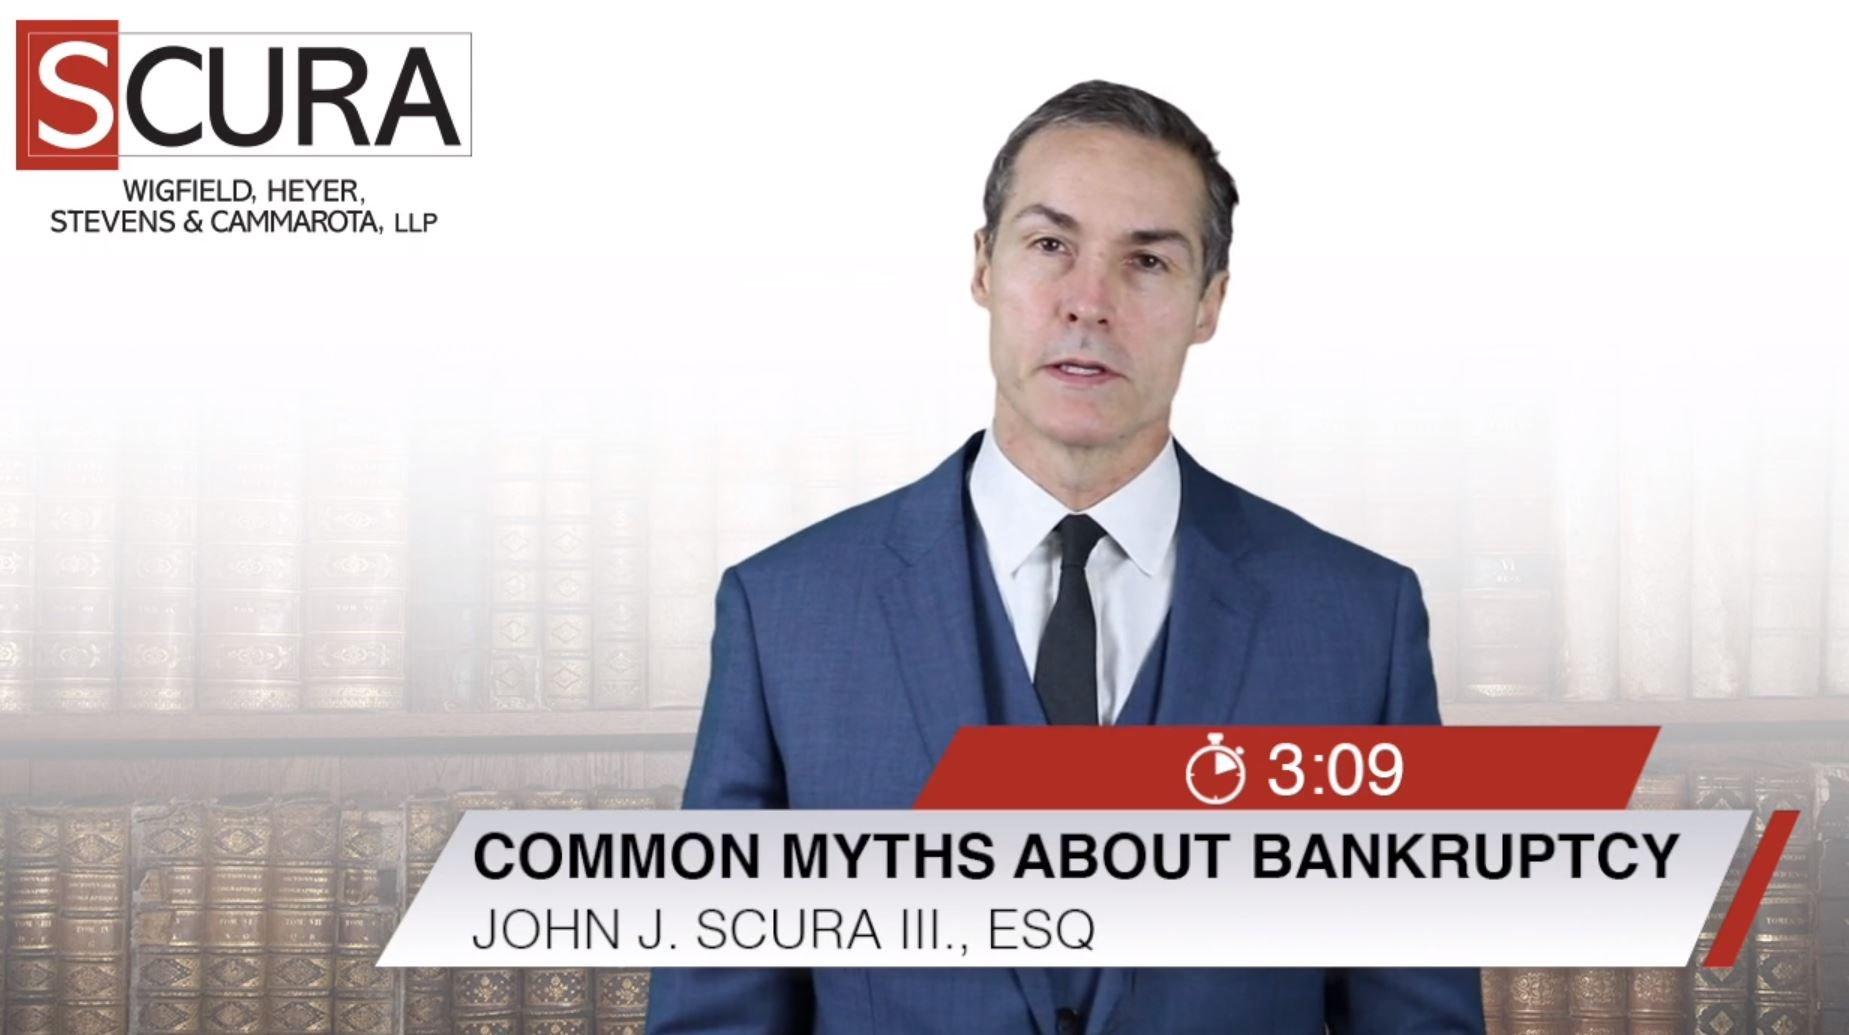 Bankruptcy-myths.jpg